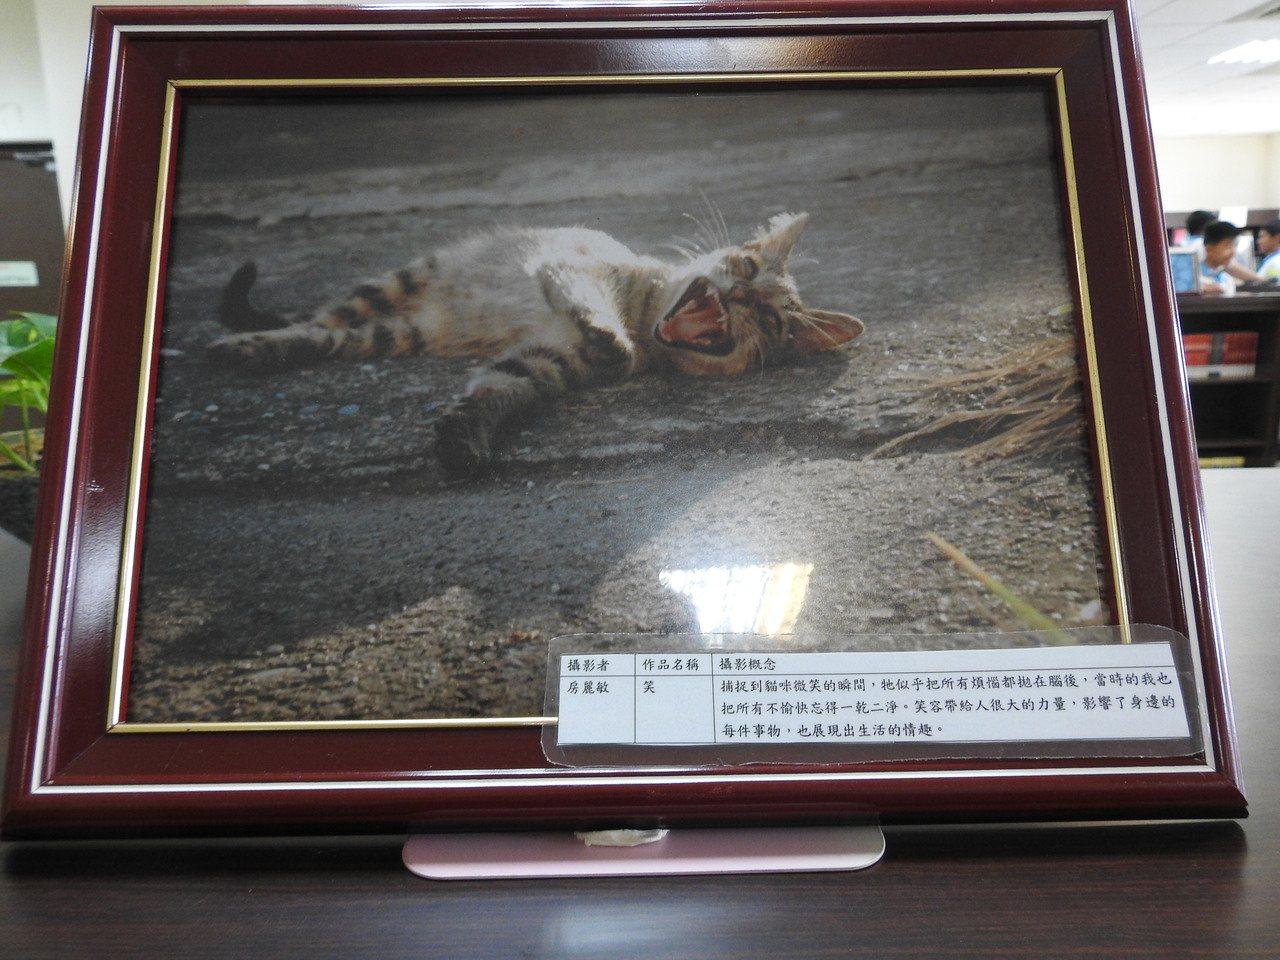 北梅國中學生以小貓當主體,透過「三分法」攝影技法,突出看似哈哈大笑的貓臉。記者賴...